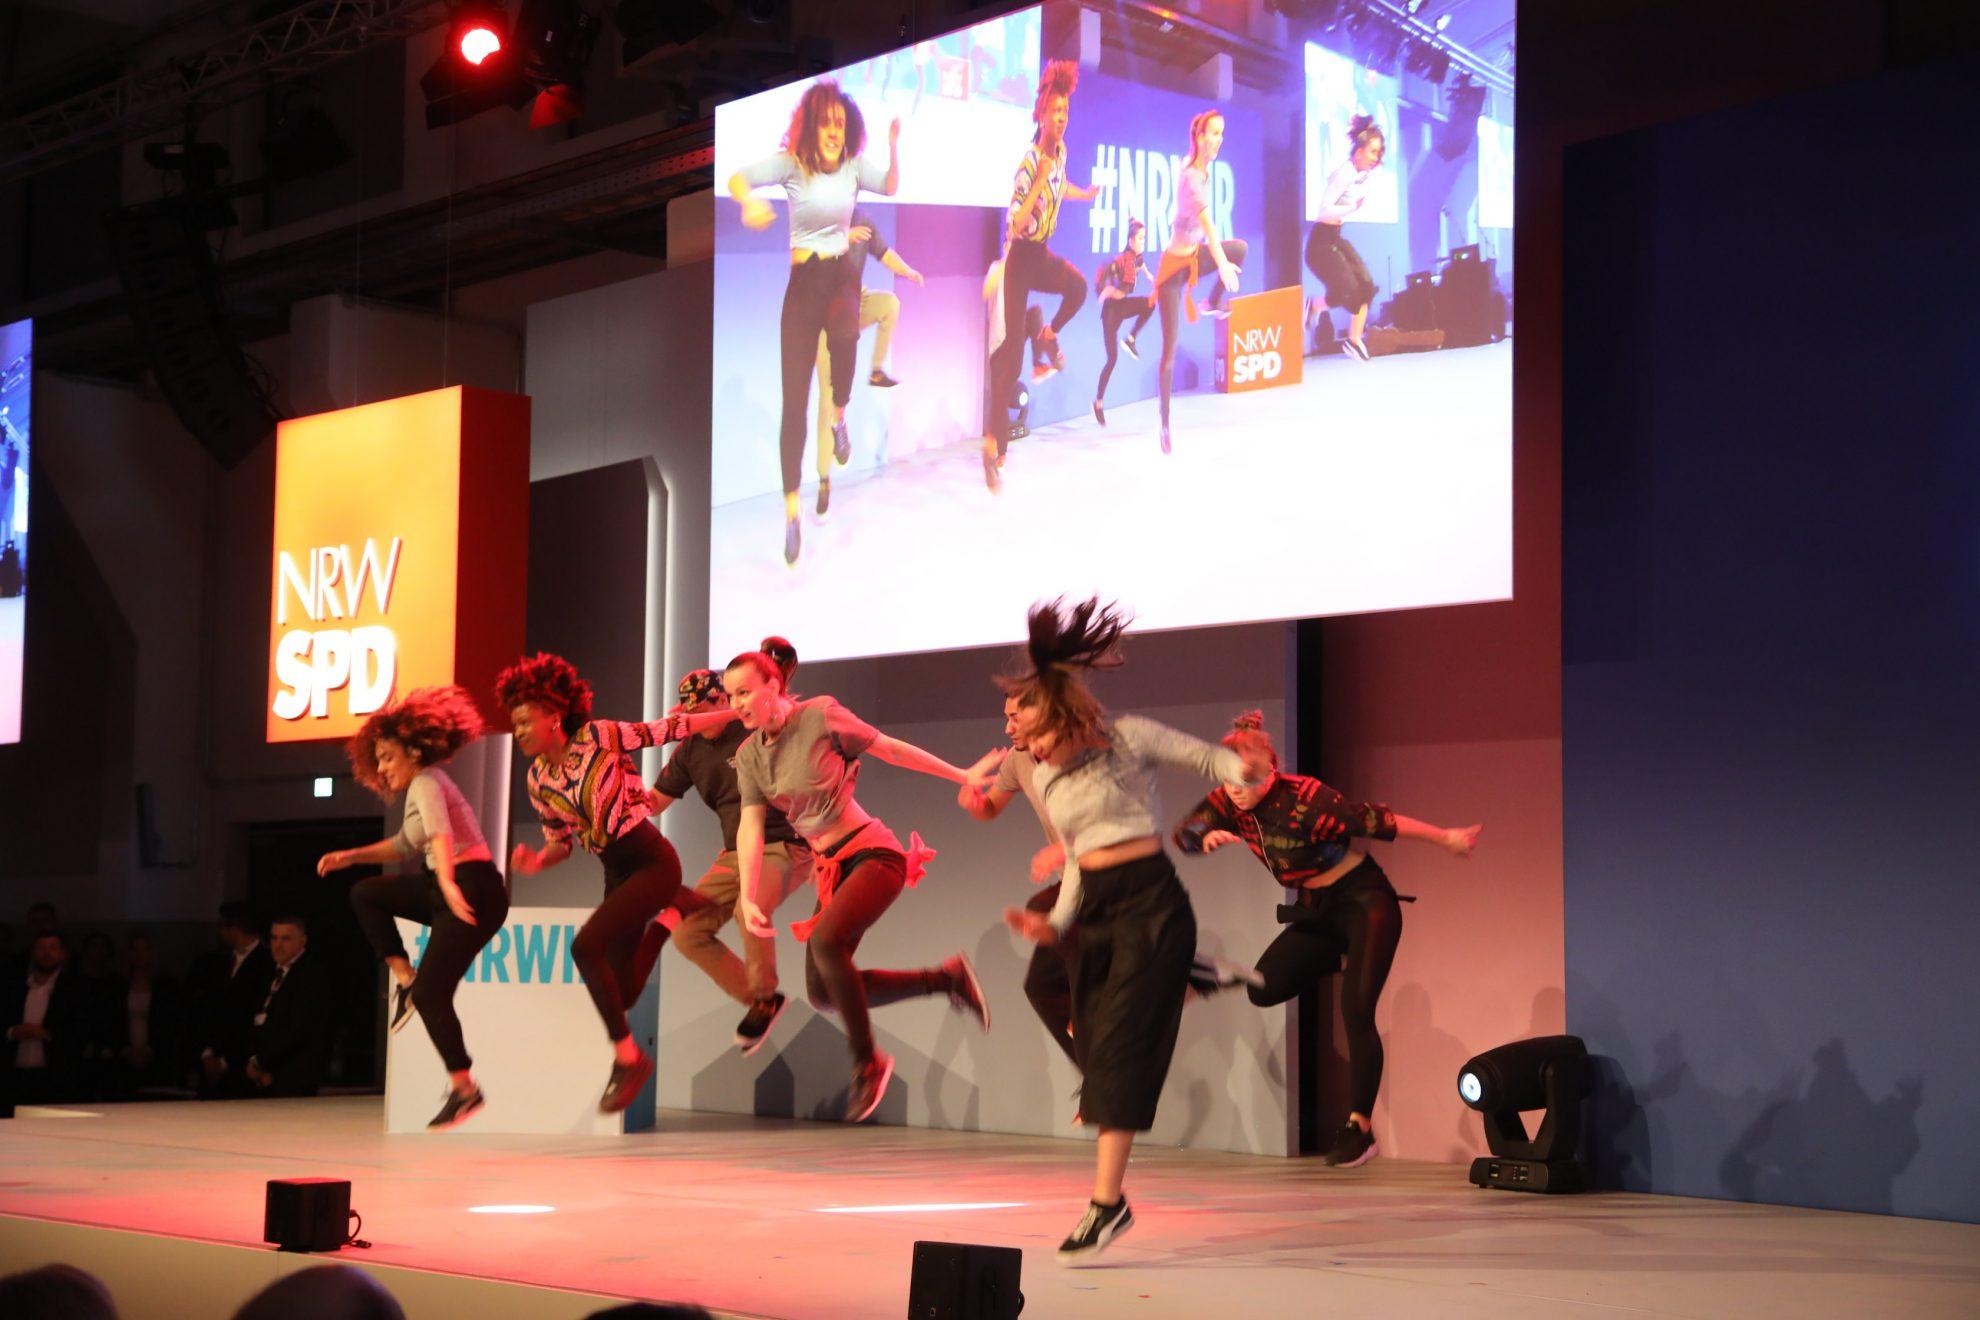 Foto der Gruppe Urbanatix bei einer Tanz-Performance bei #NRWIR